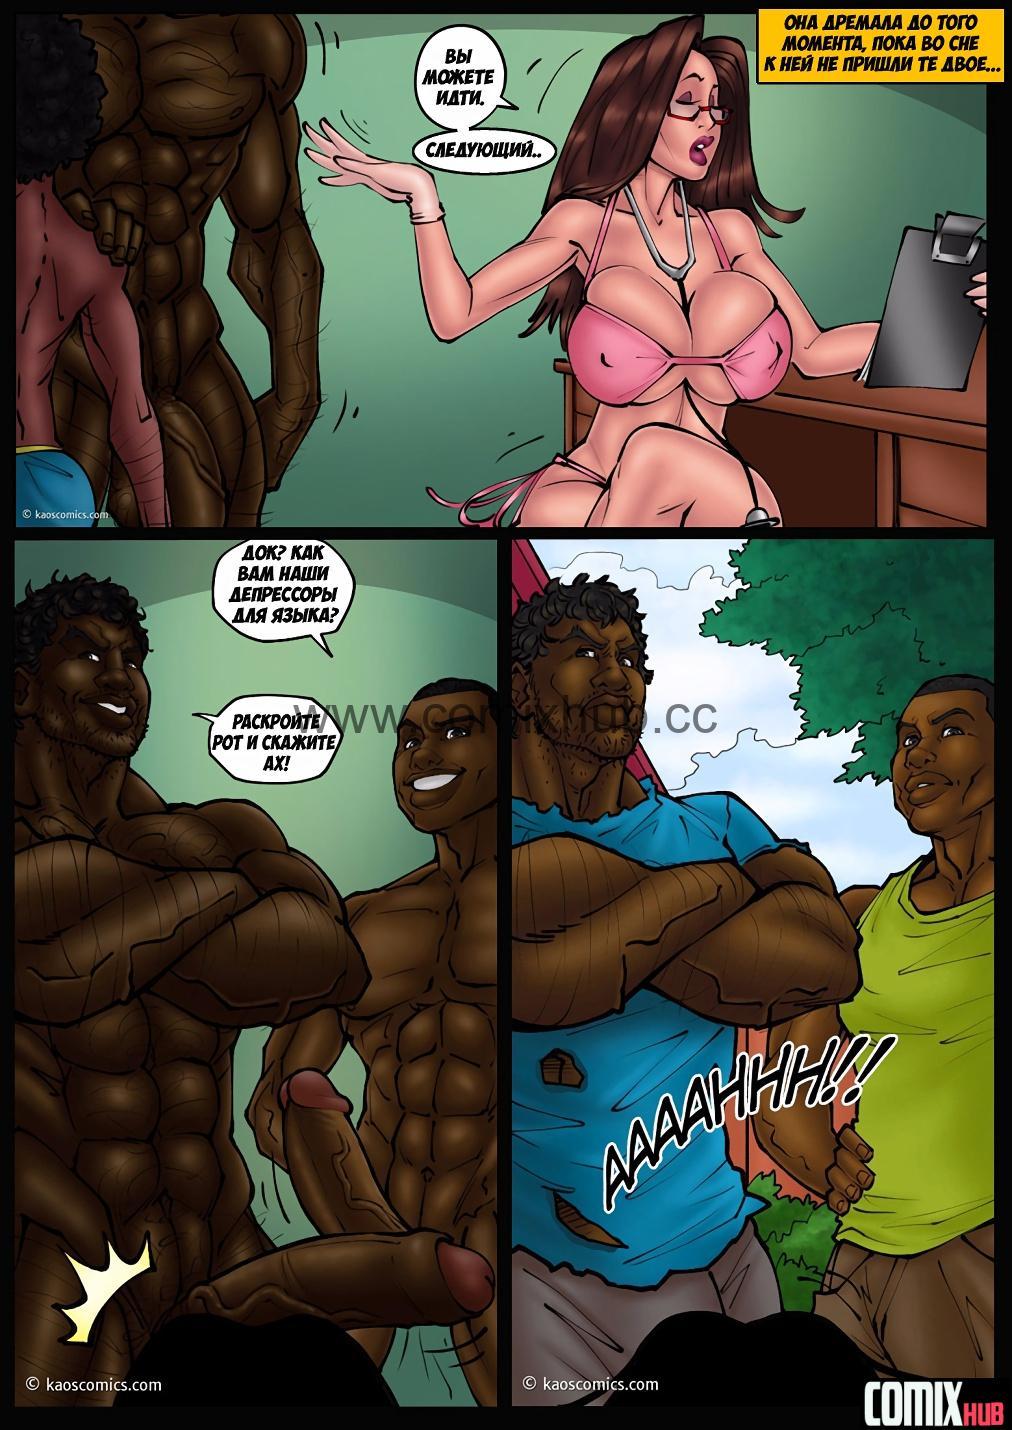 Доктор сучка, часть 2 Порно комиксы, Большая грудь, Большие члены, Мастурбация